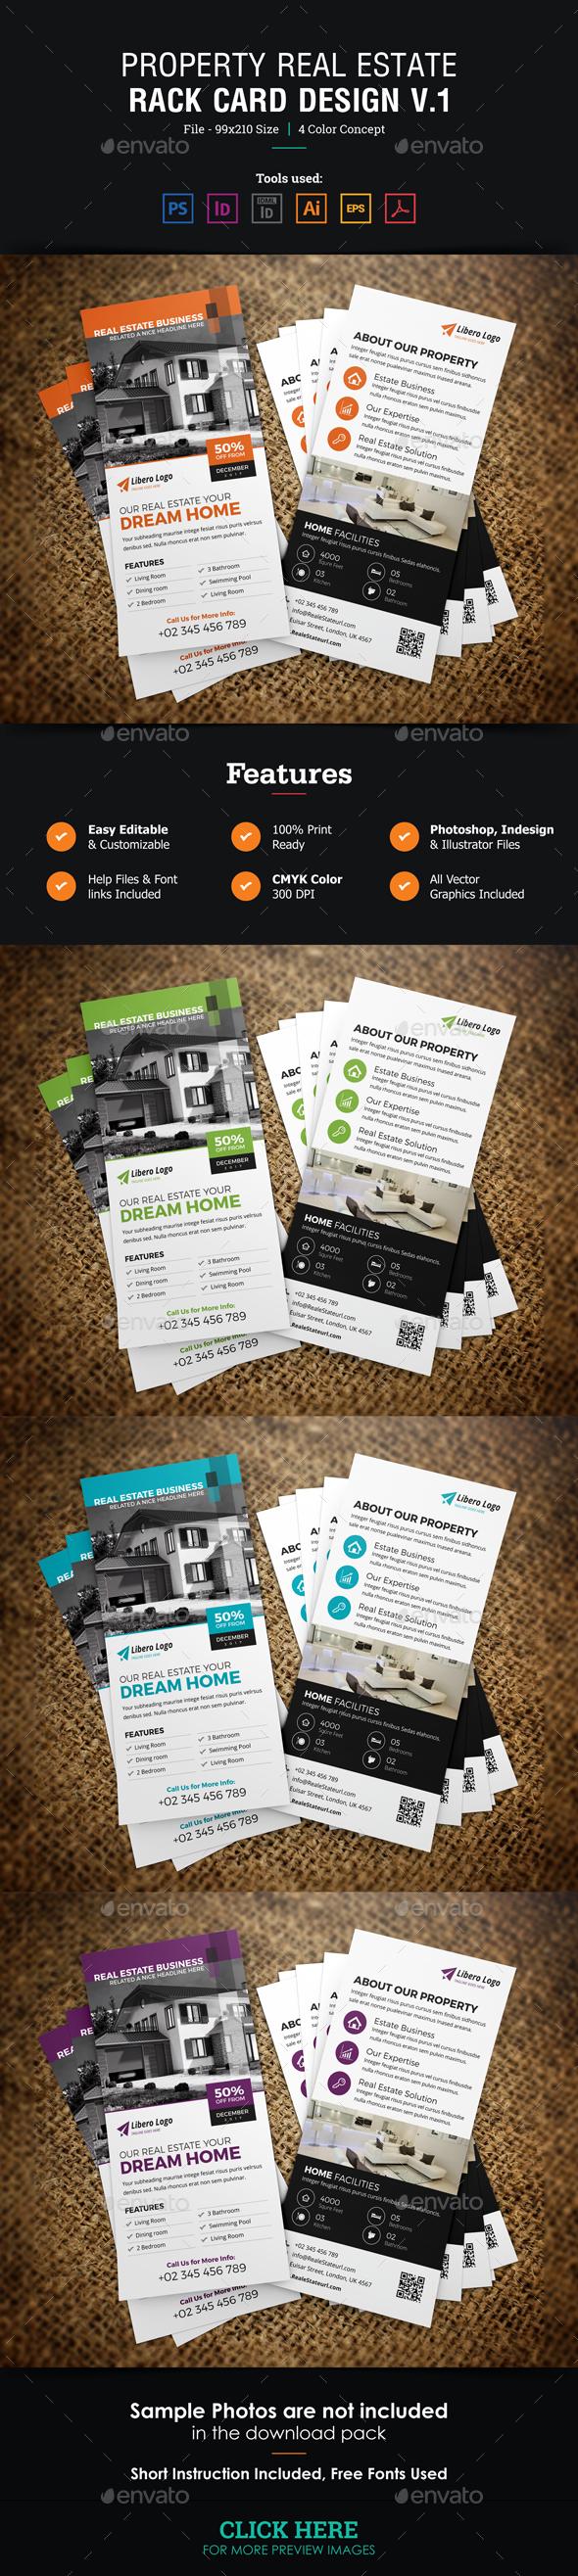 Real Estate Rackcard DL Flyer Design v1 - Cards & Invites Print Templates